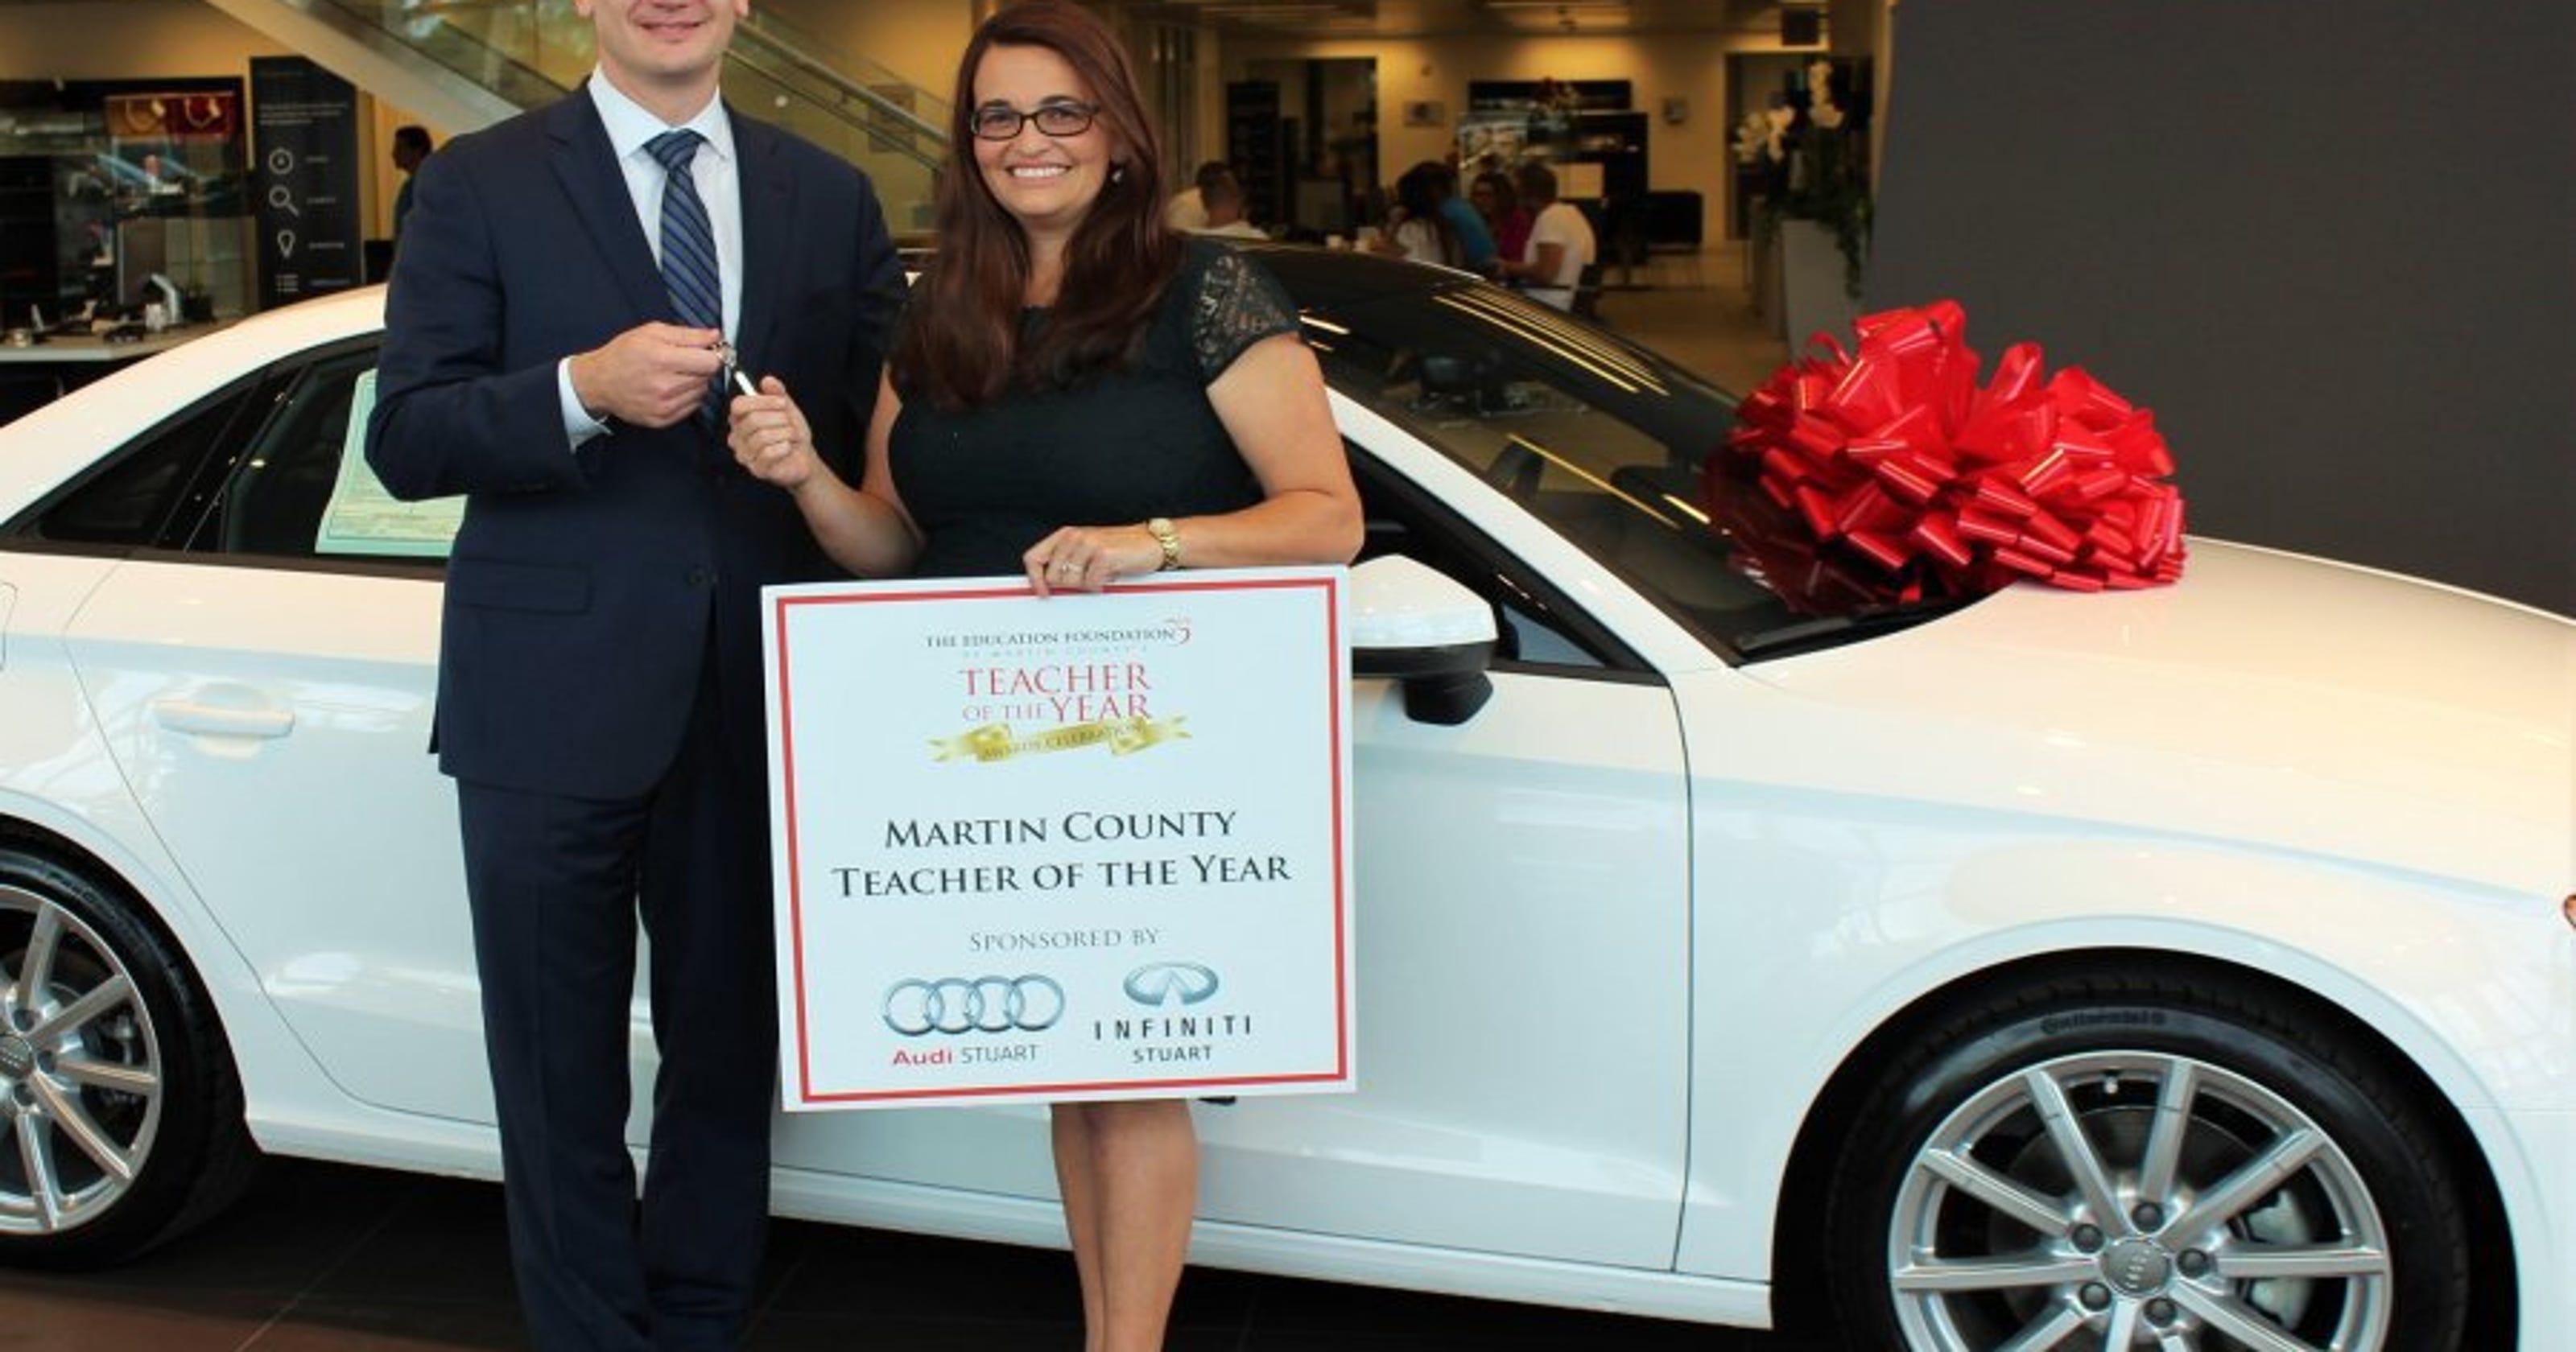 Audi Stuart Infiniti Stuart Donate Oneyear Lease To Teacher Of The - Audi stuart